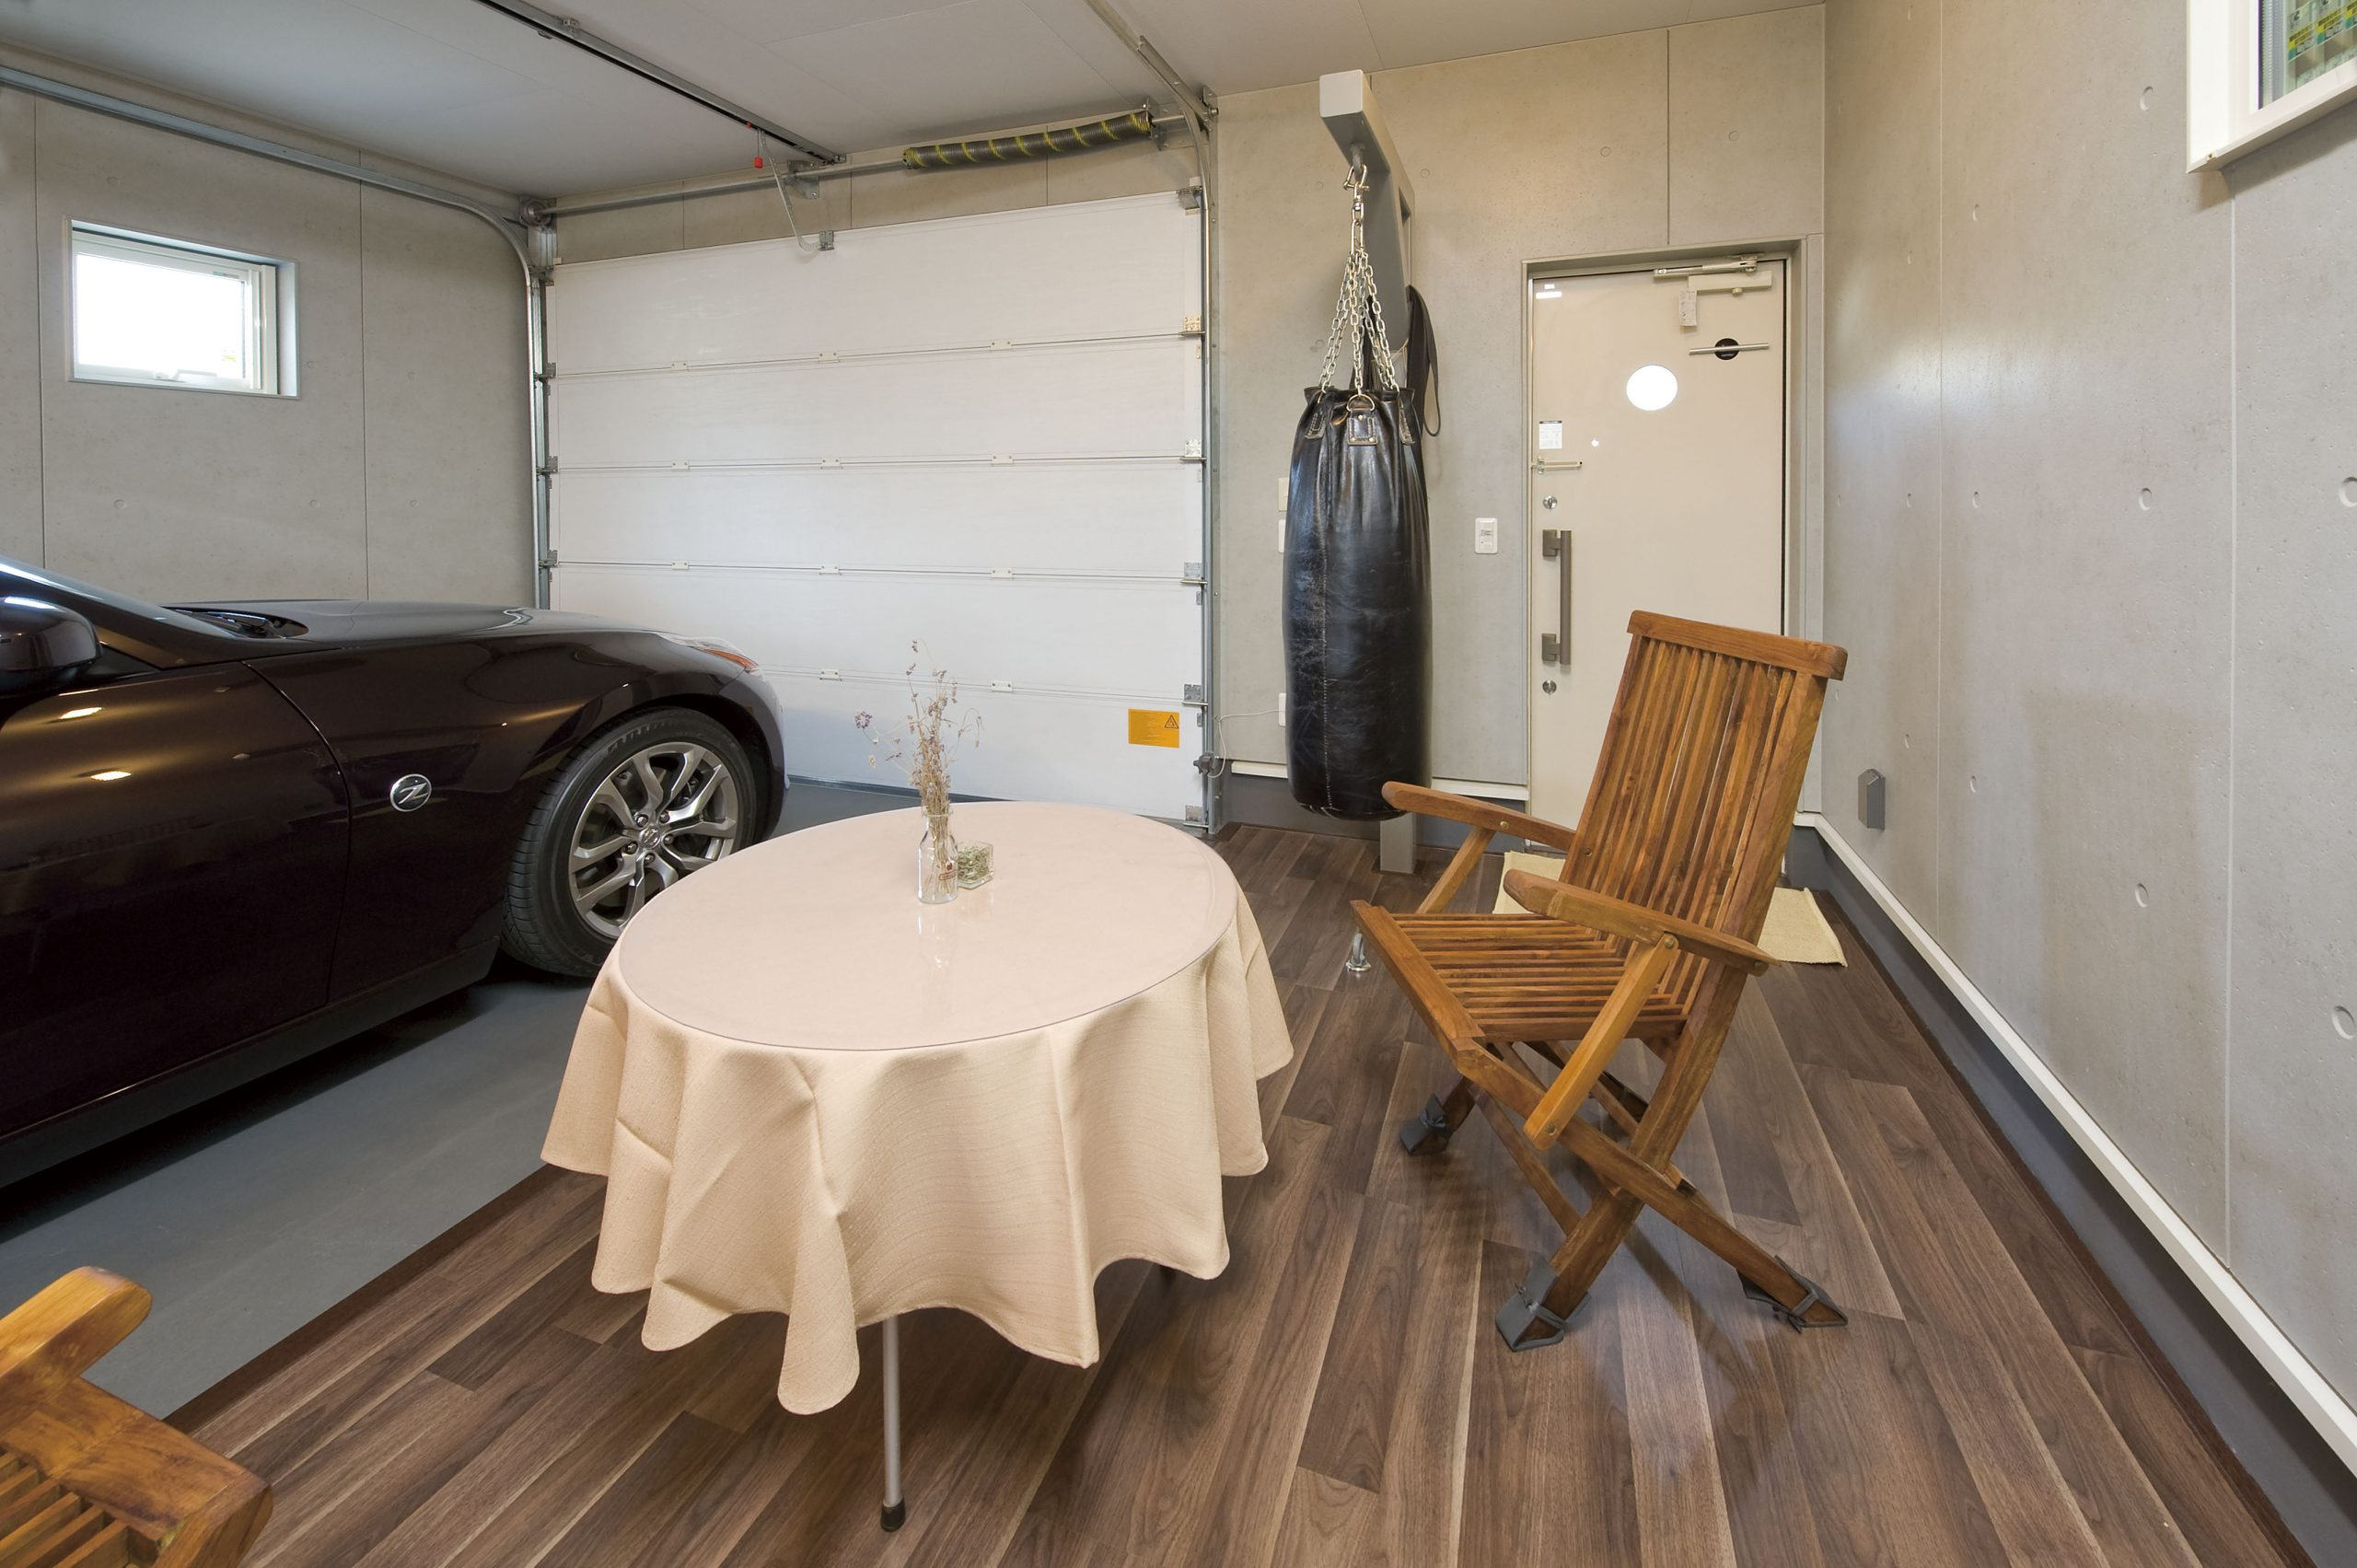 ガレージハウスの内観 ガレージスペースに愛車を眺められるスペースを確保した事例、車の手入れもしやすい